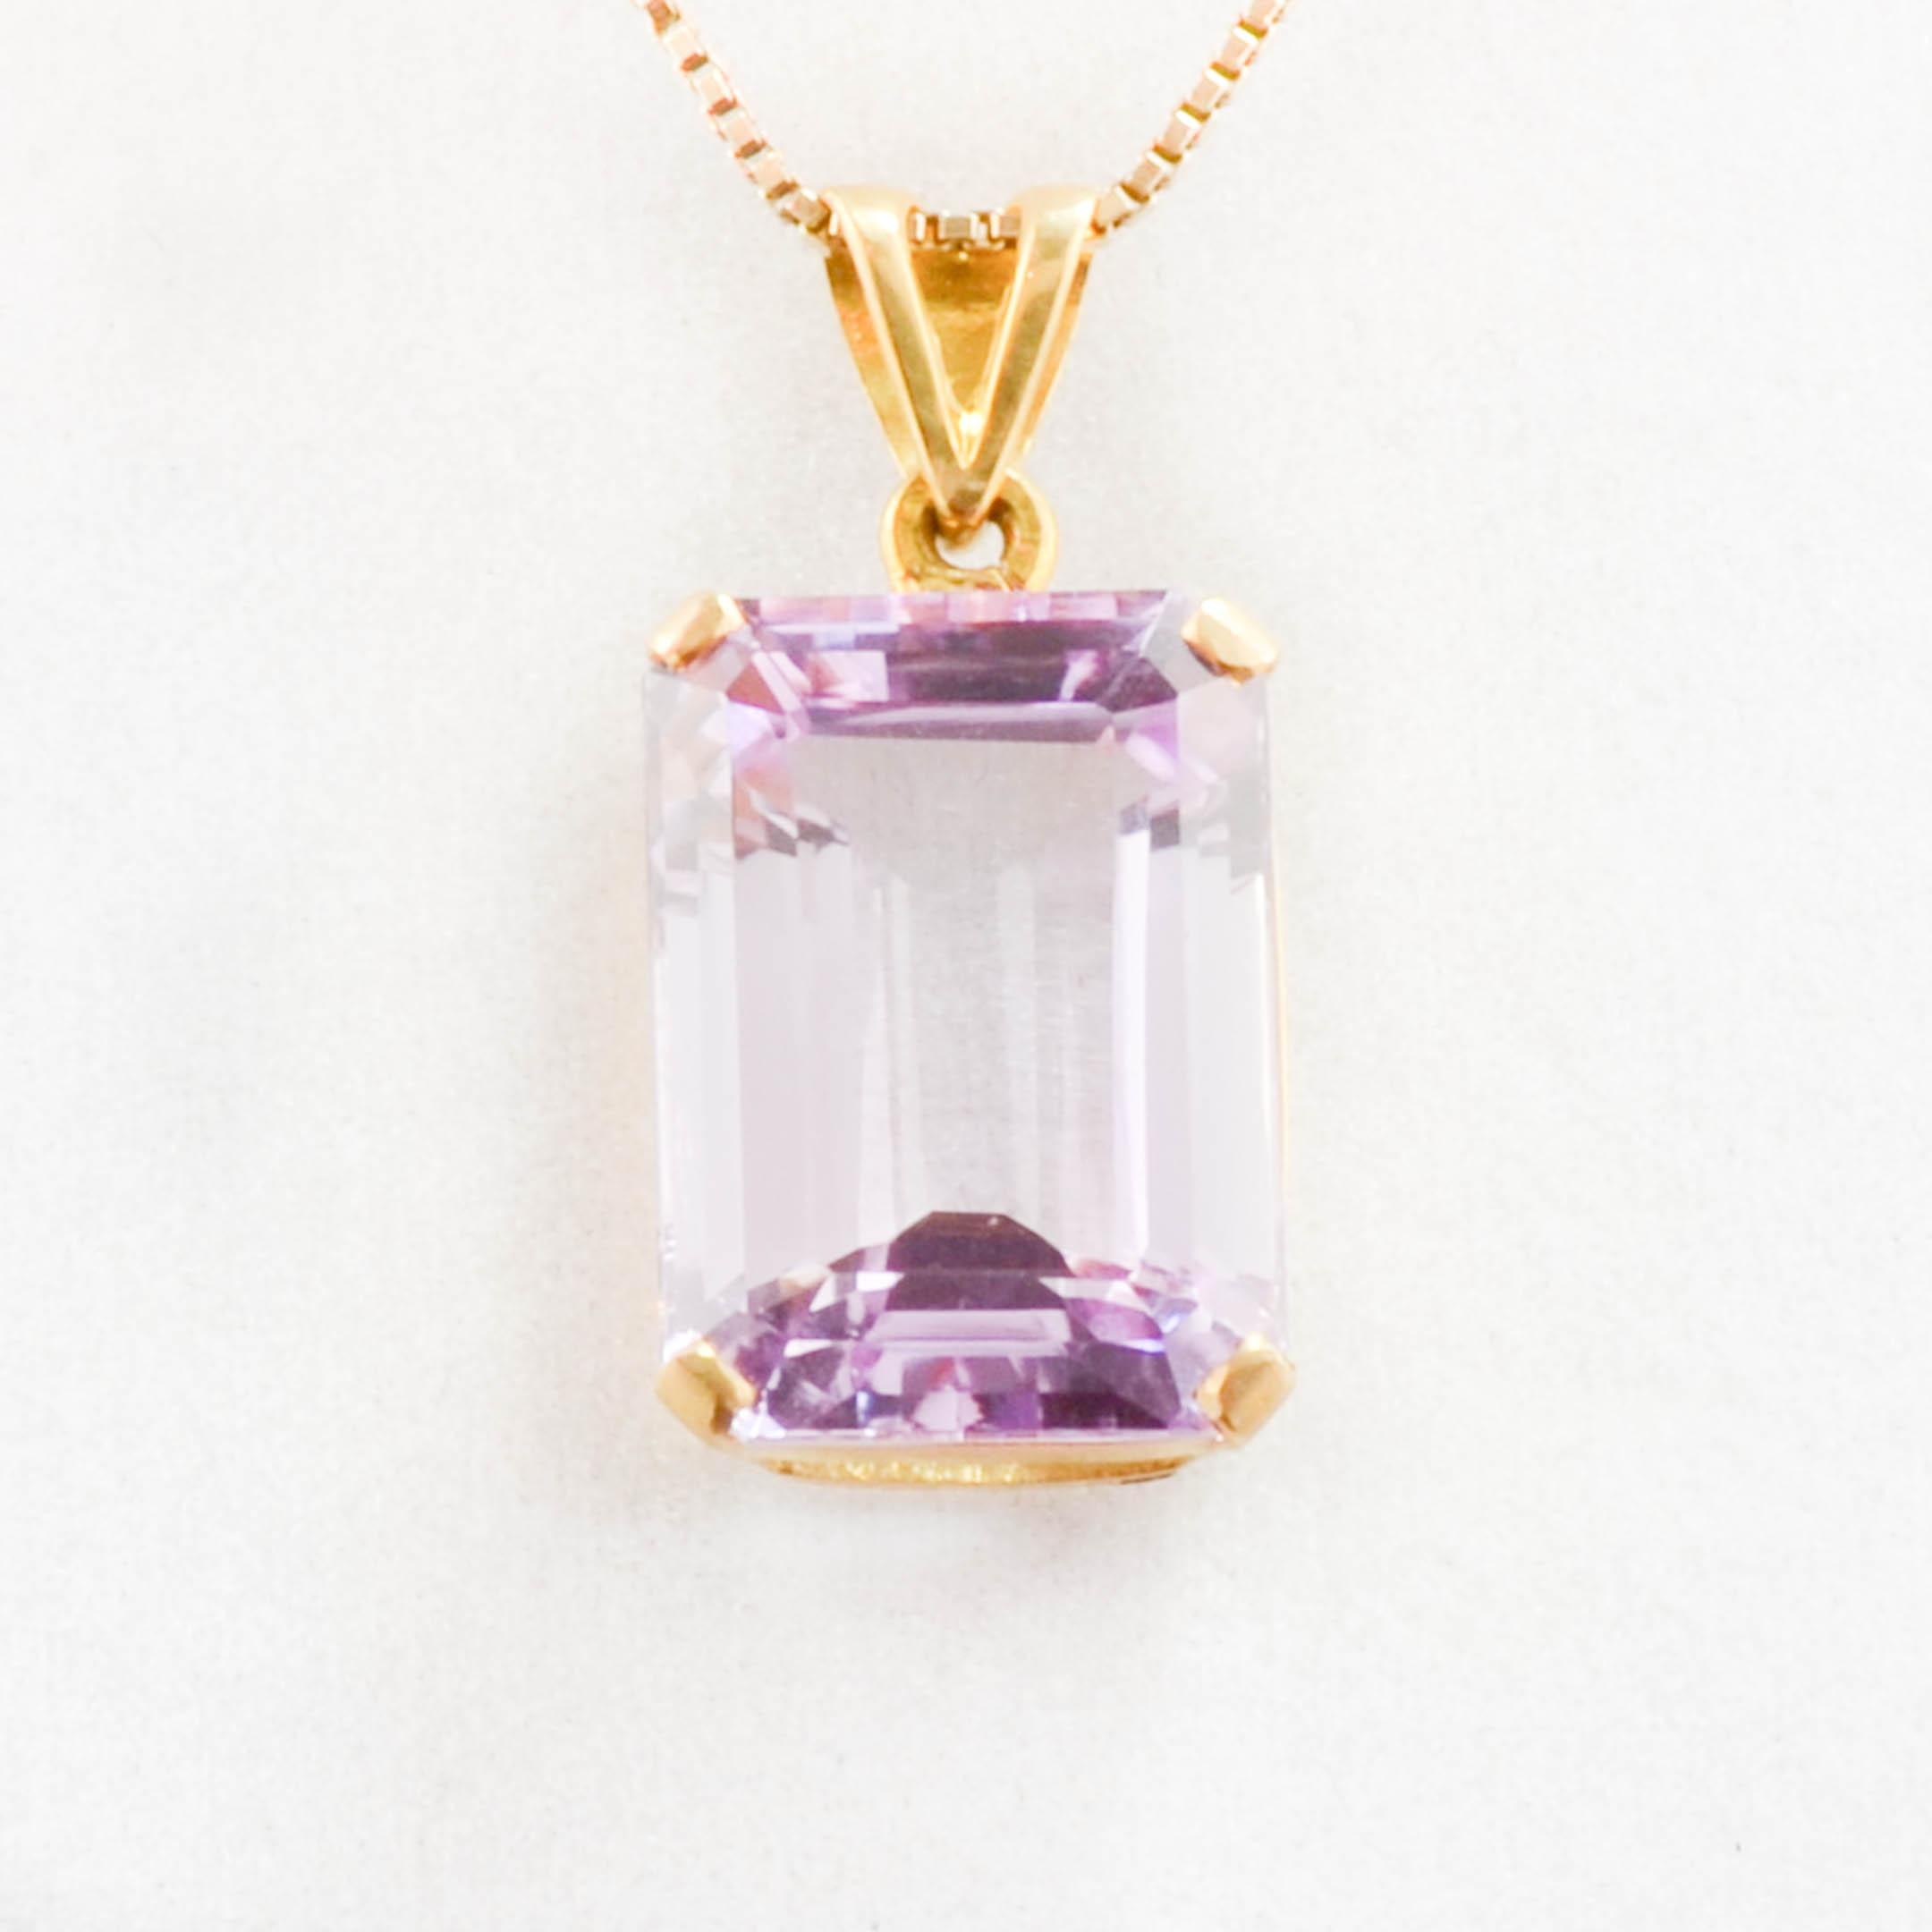 Angela betteridge kunzite pendant angela betteridge jewellery in stock mozeypictures Gallery